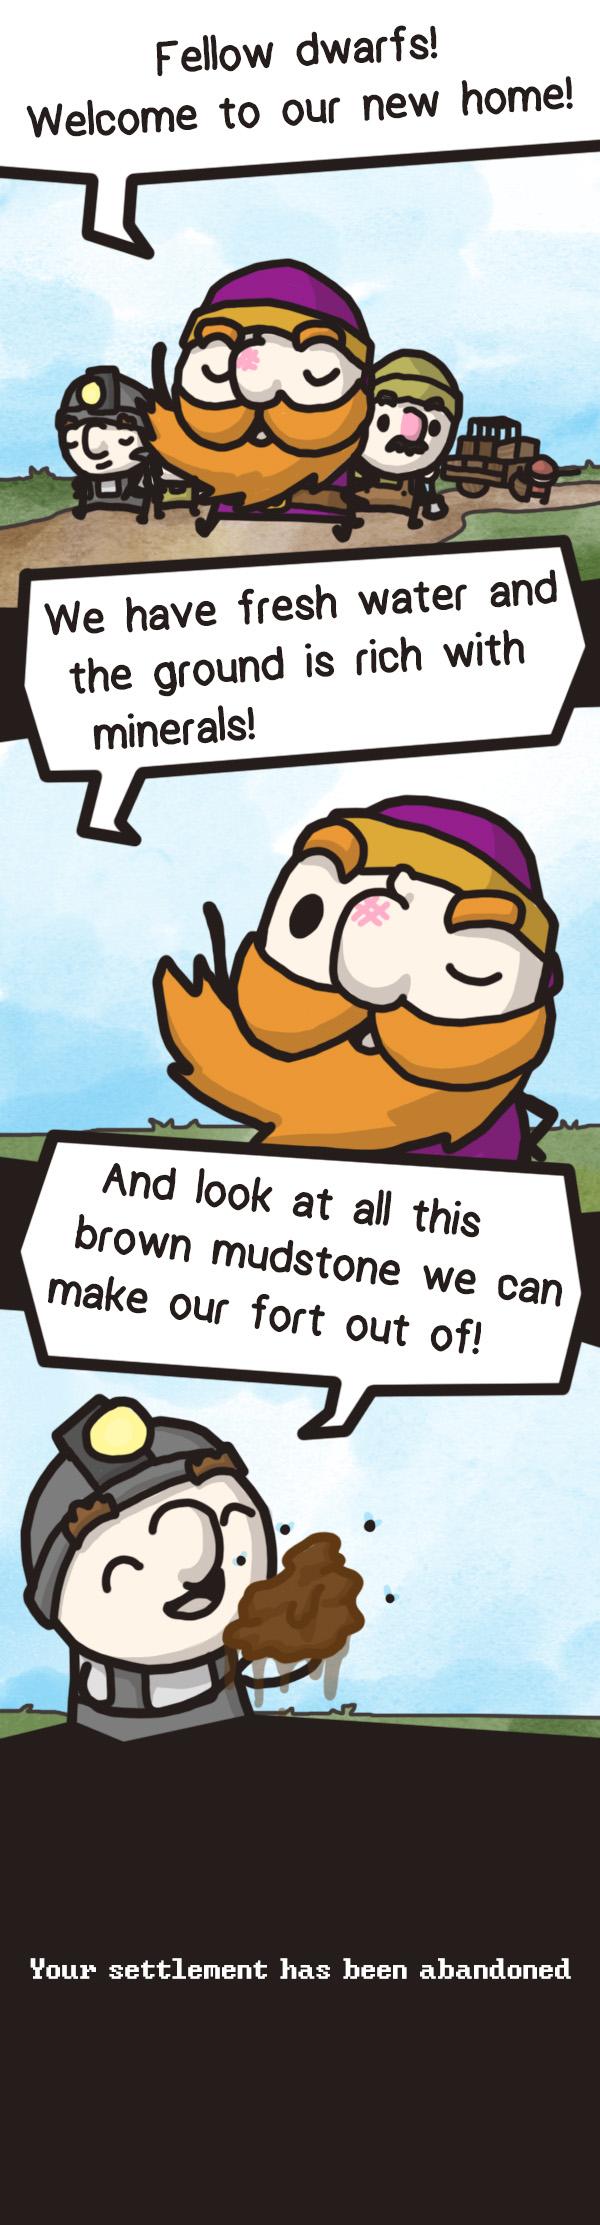 Dwarf Fortress - Mudstone